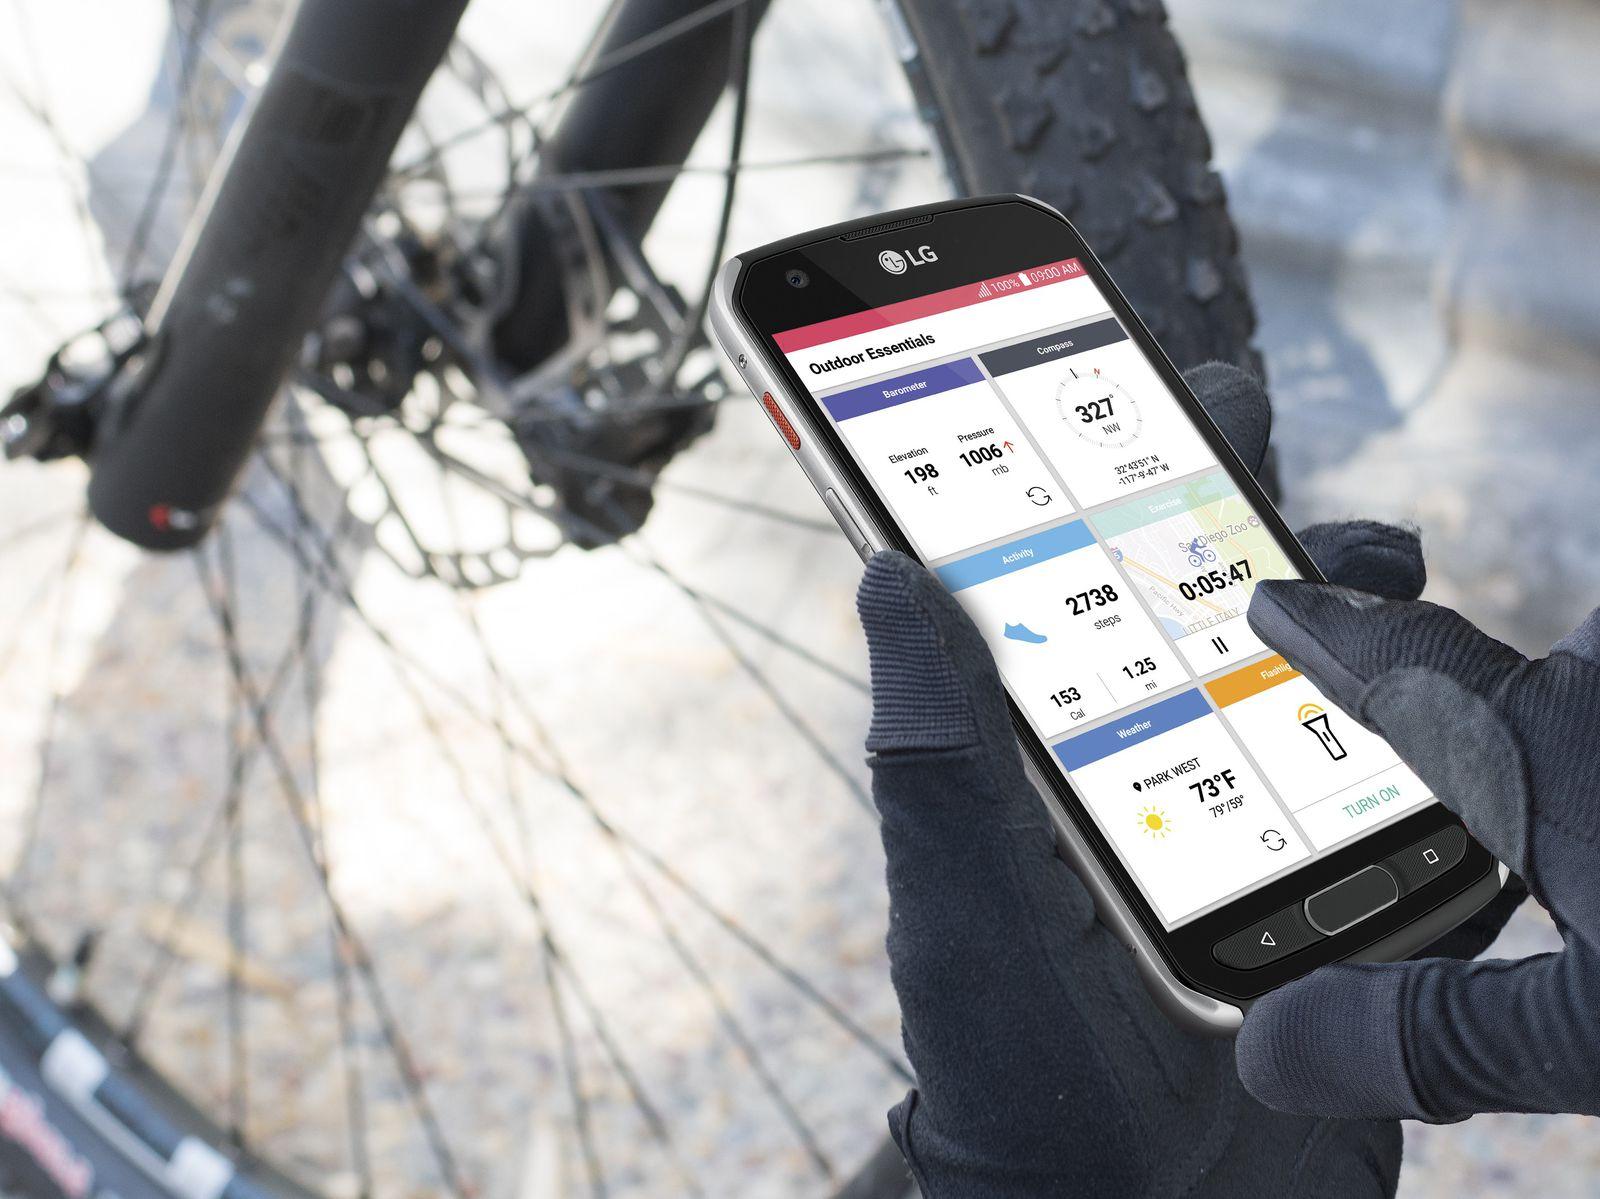 LG выпустила смартфон X venture для любителей активного образа жизни